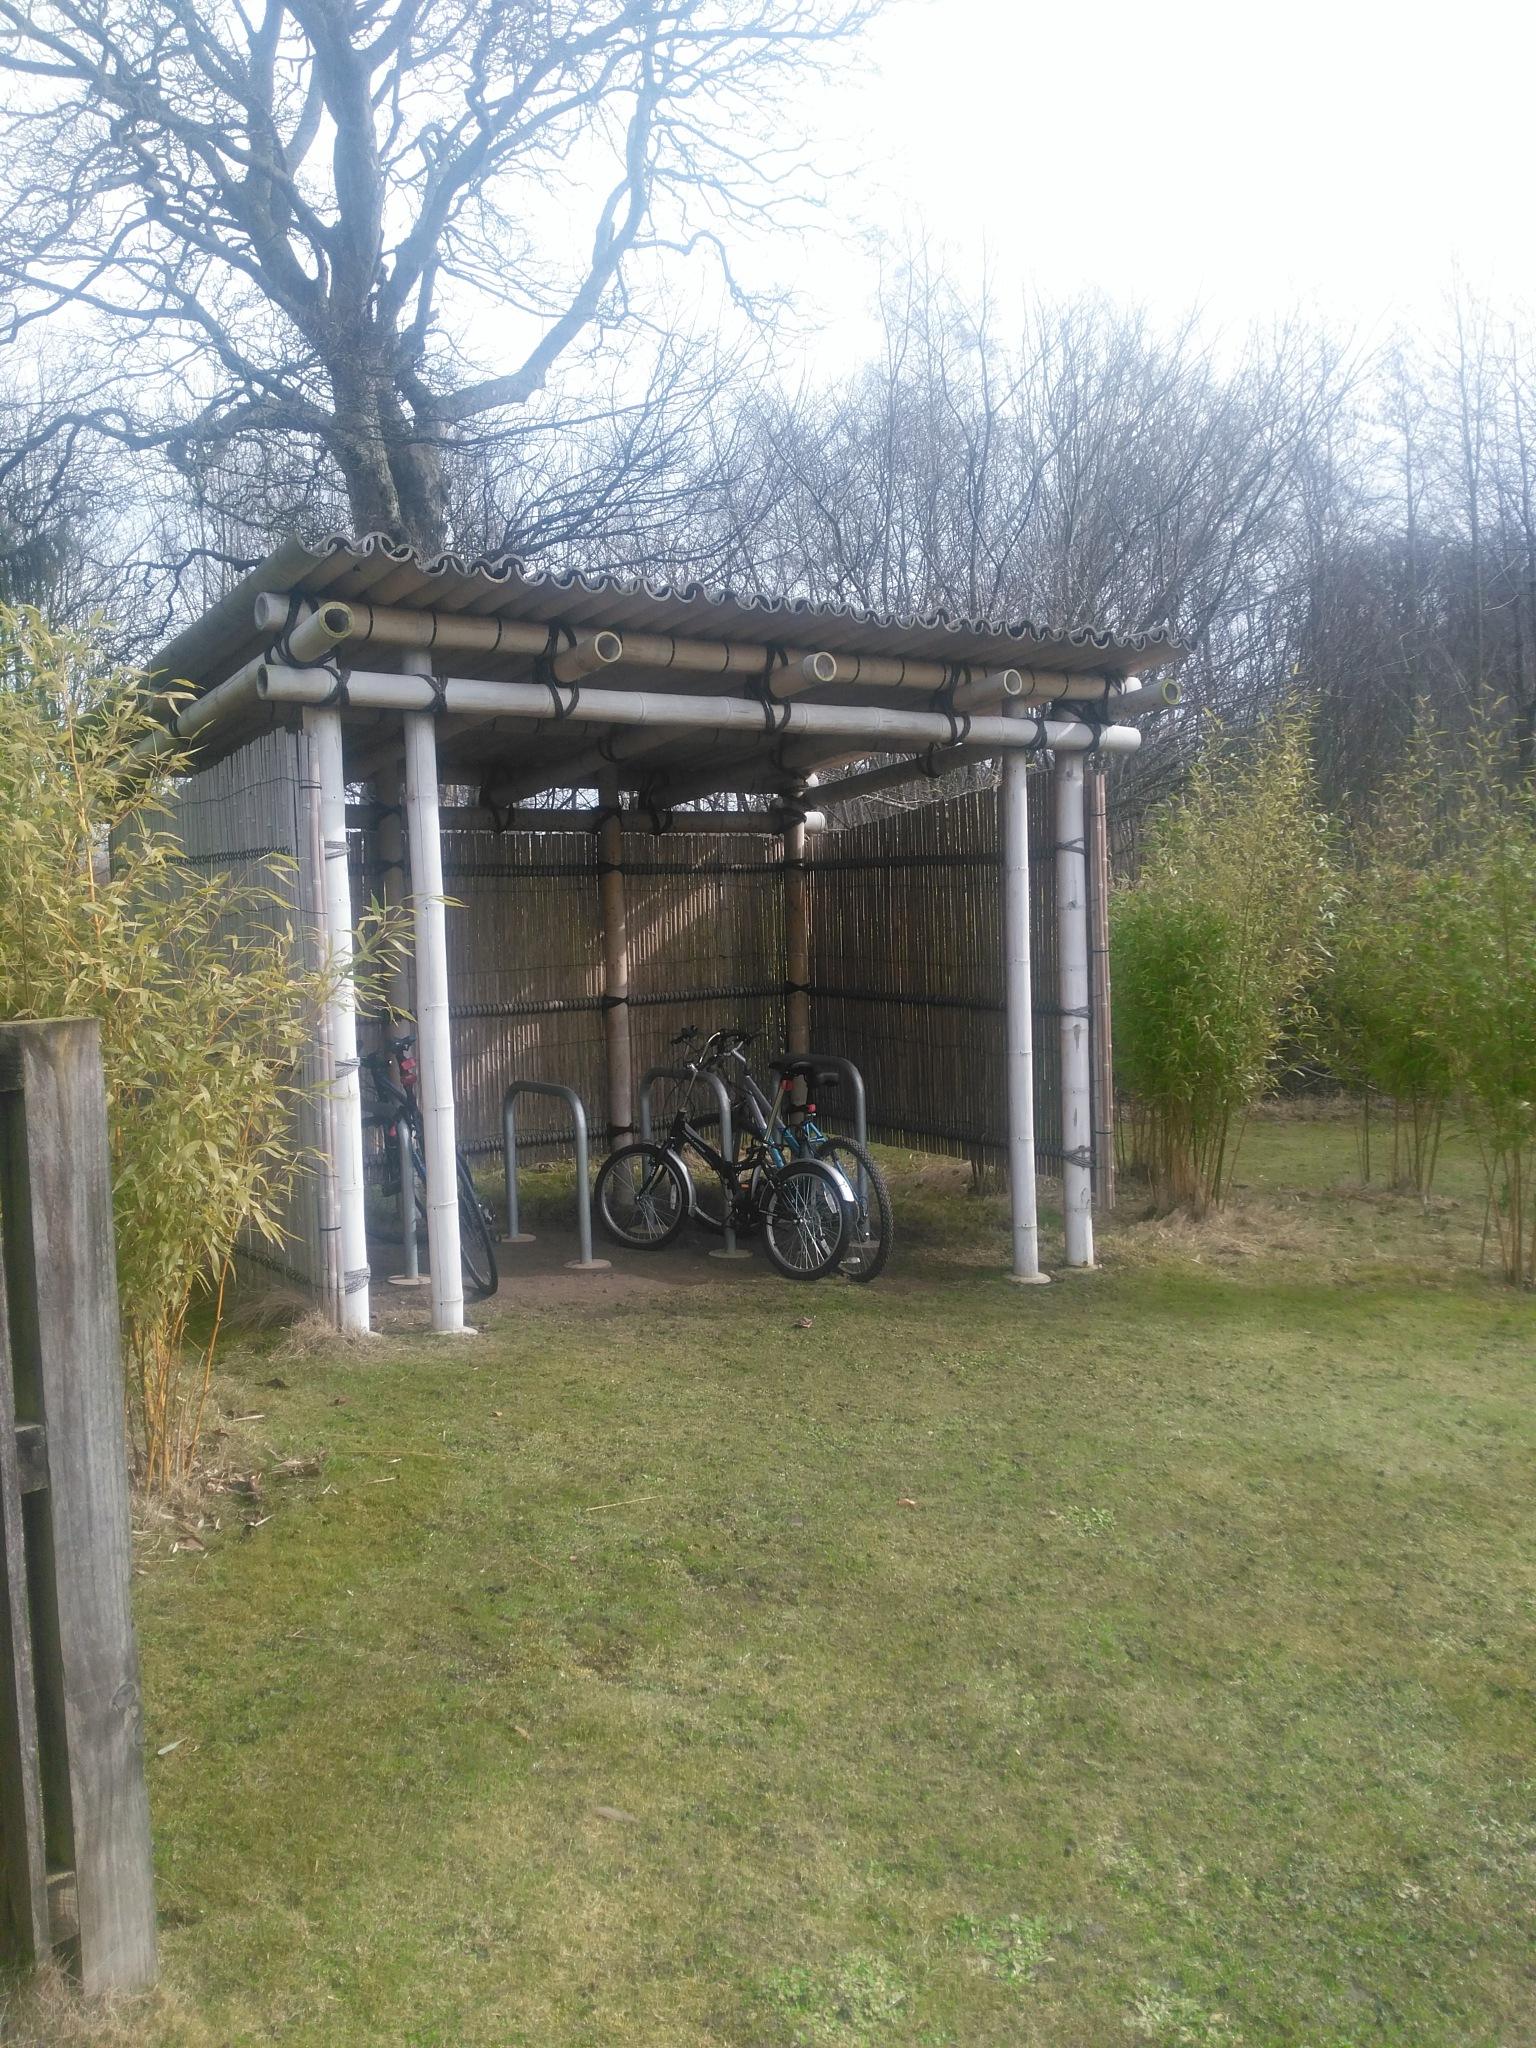 Bamboo Bike Rack by afrior